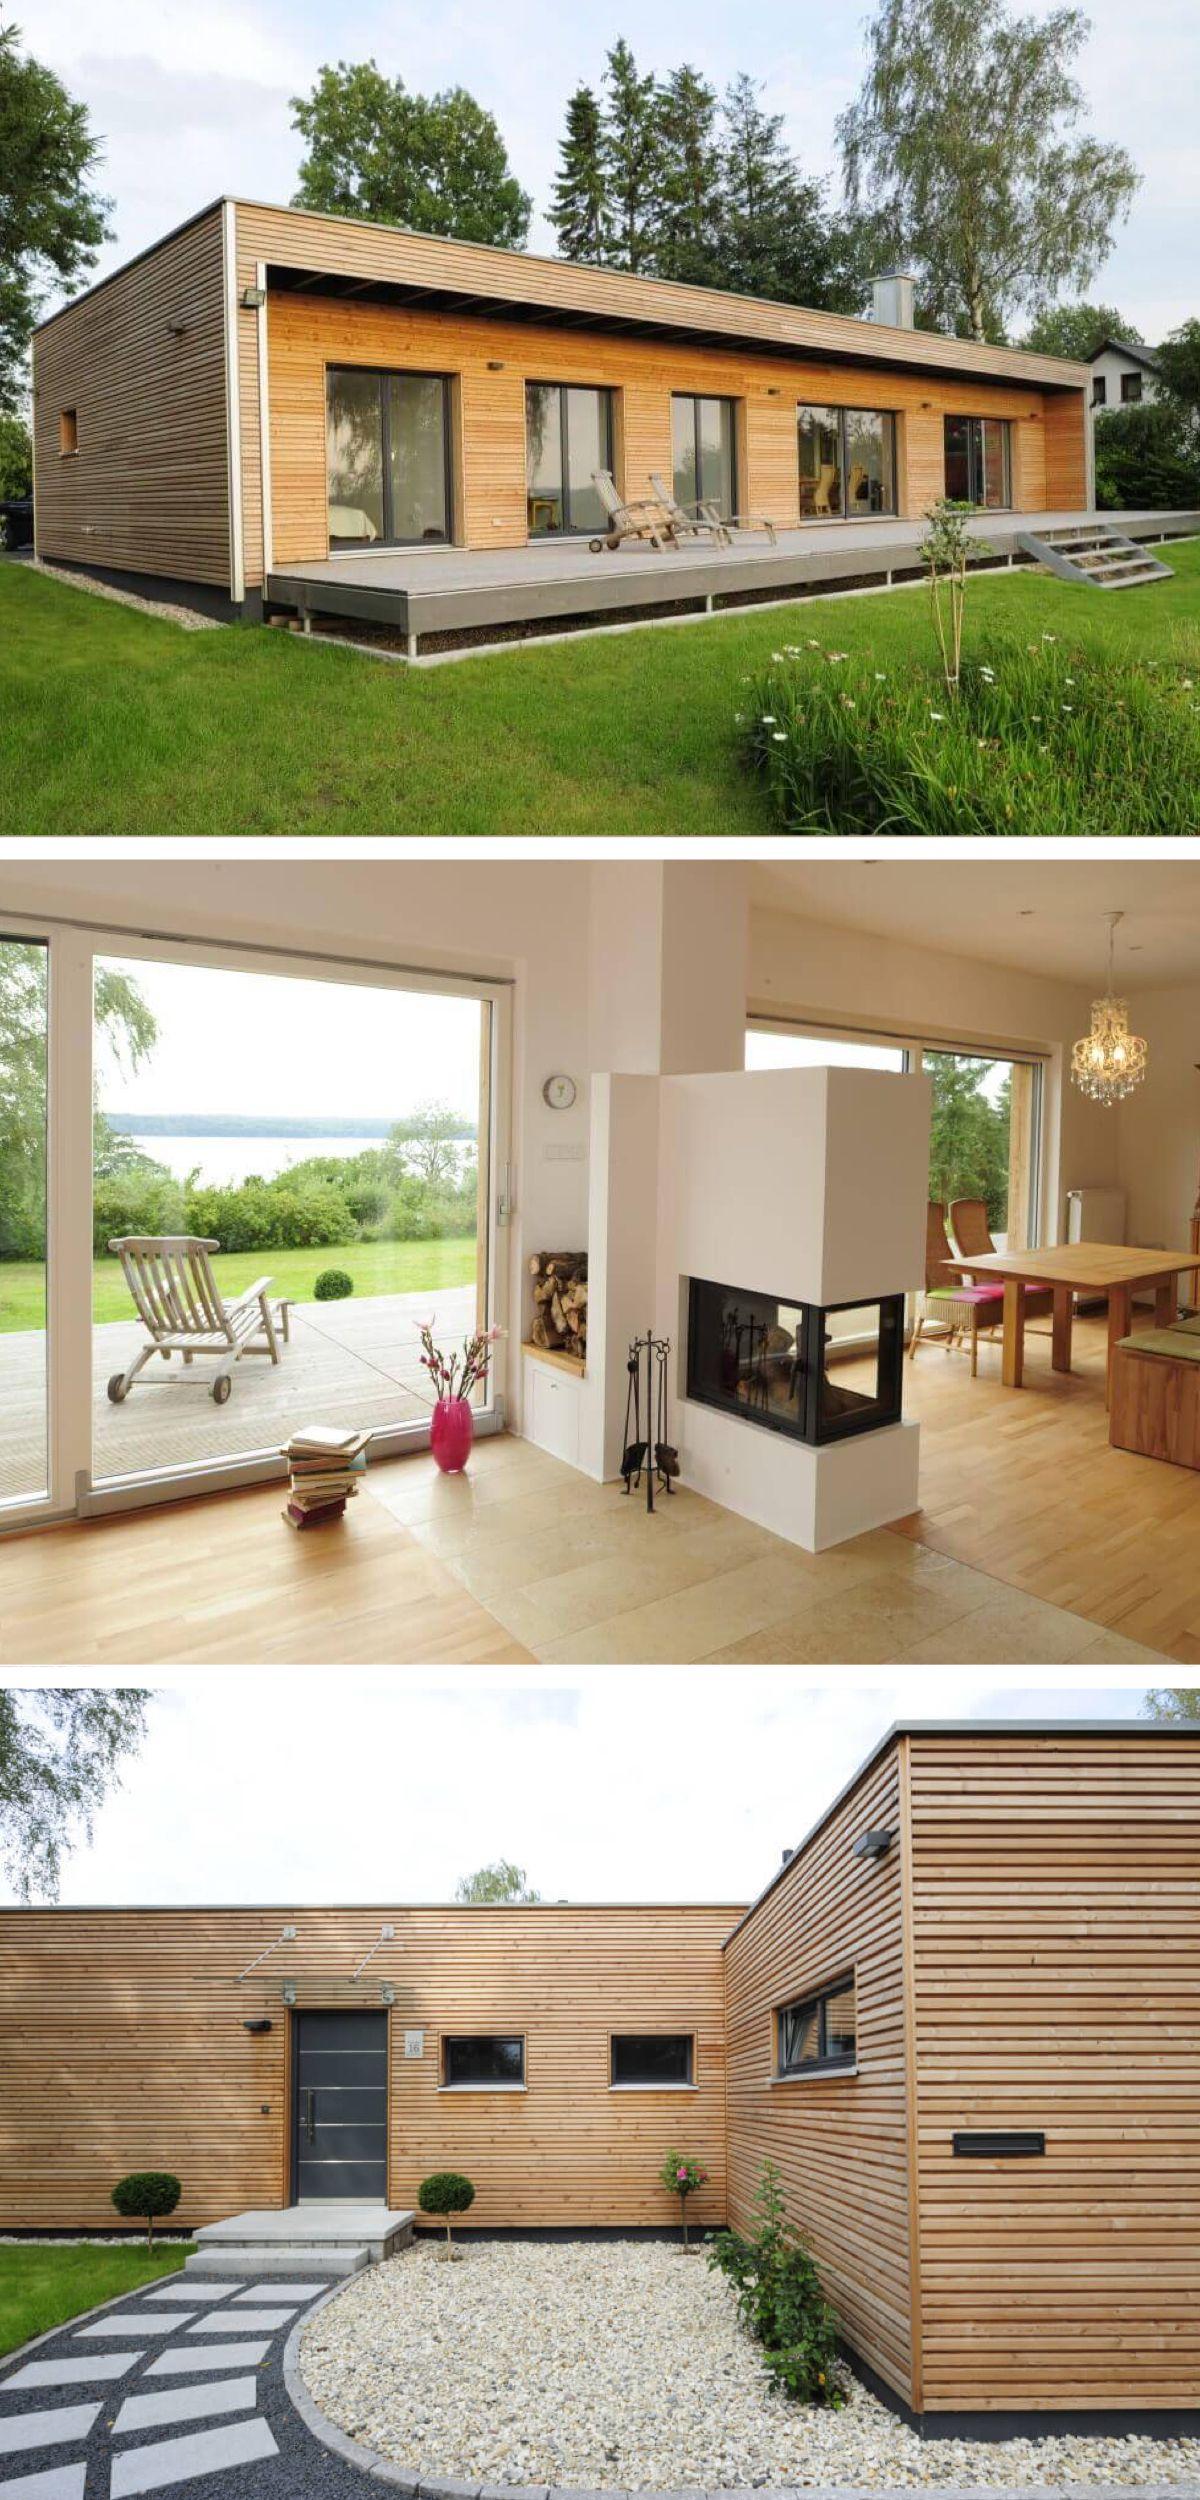 Winkelbungalow Haus mit FlachdachArchitektur Holzfassade